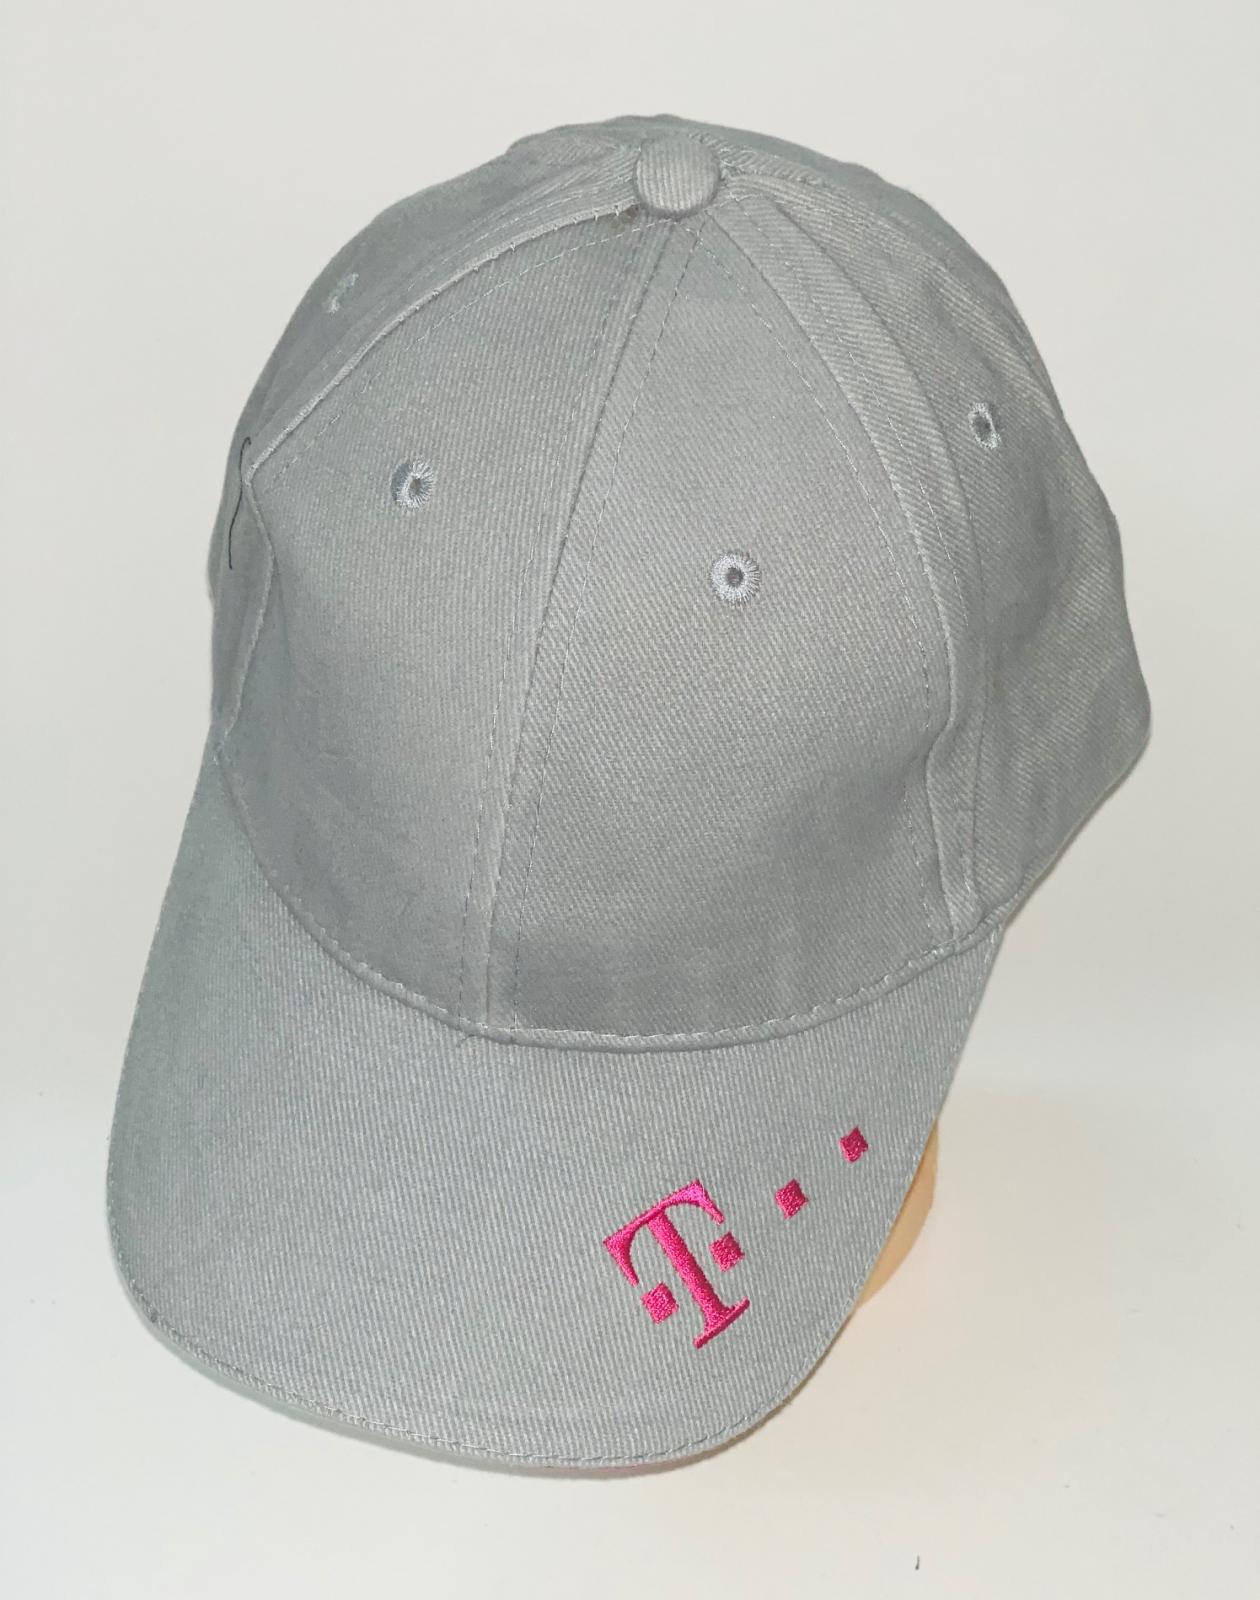 Серая бейсболка с розовой вышивкой на козырьке